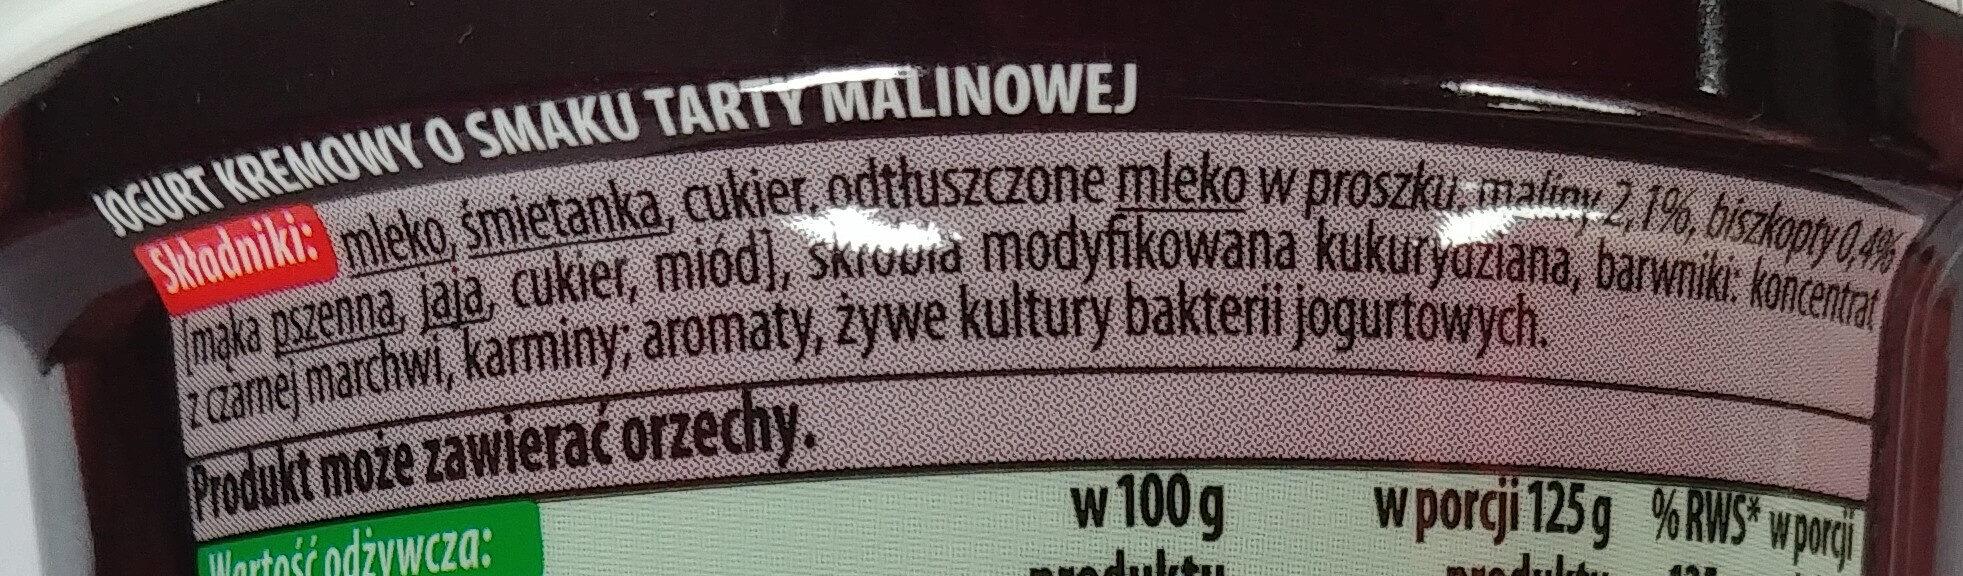 Jogurt kremowy o smaku tarty malinowej - Składniki - pl